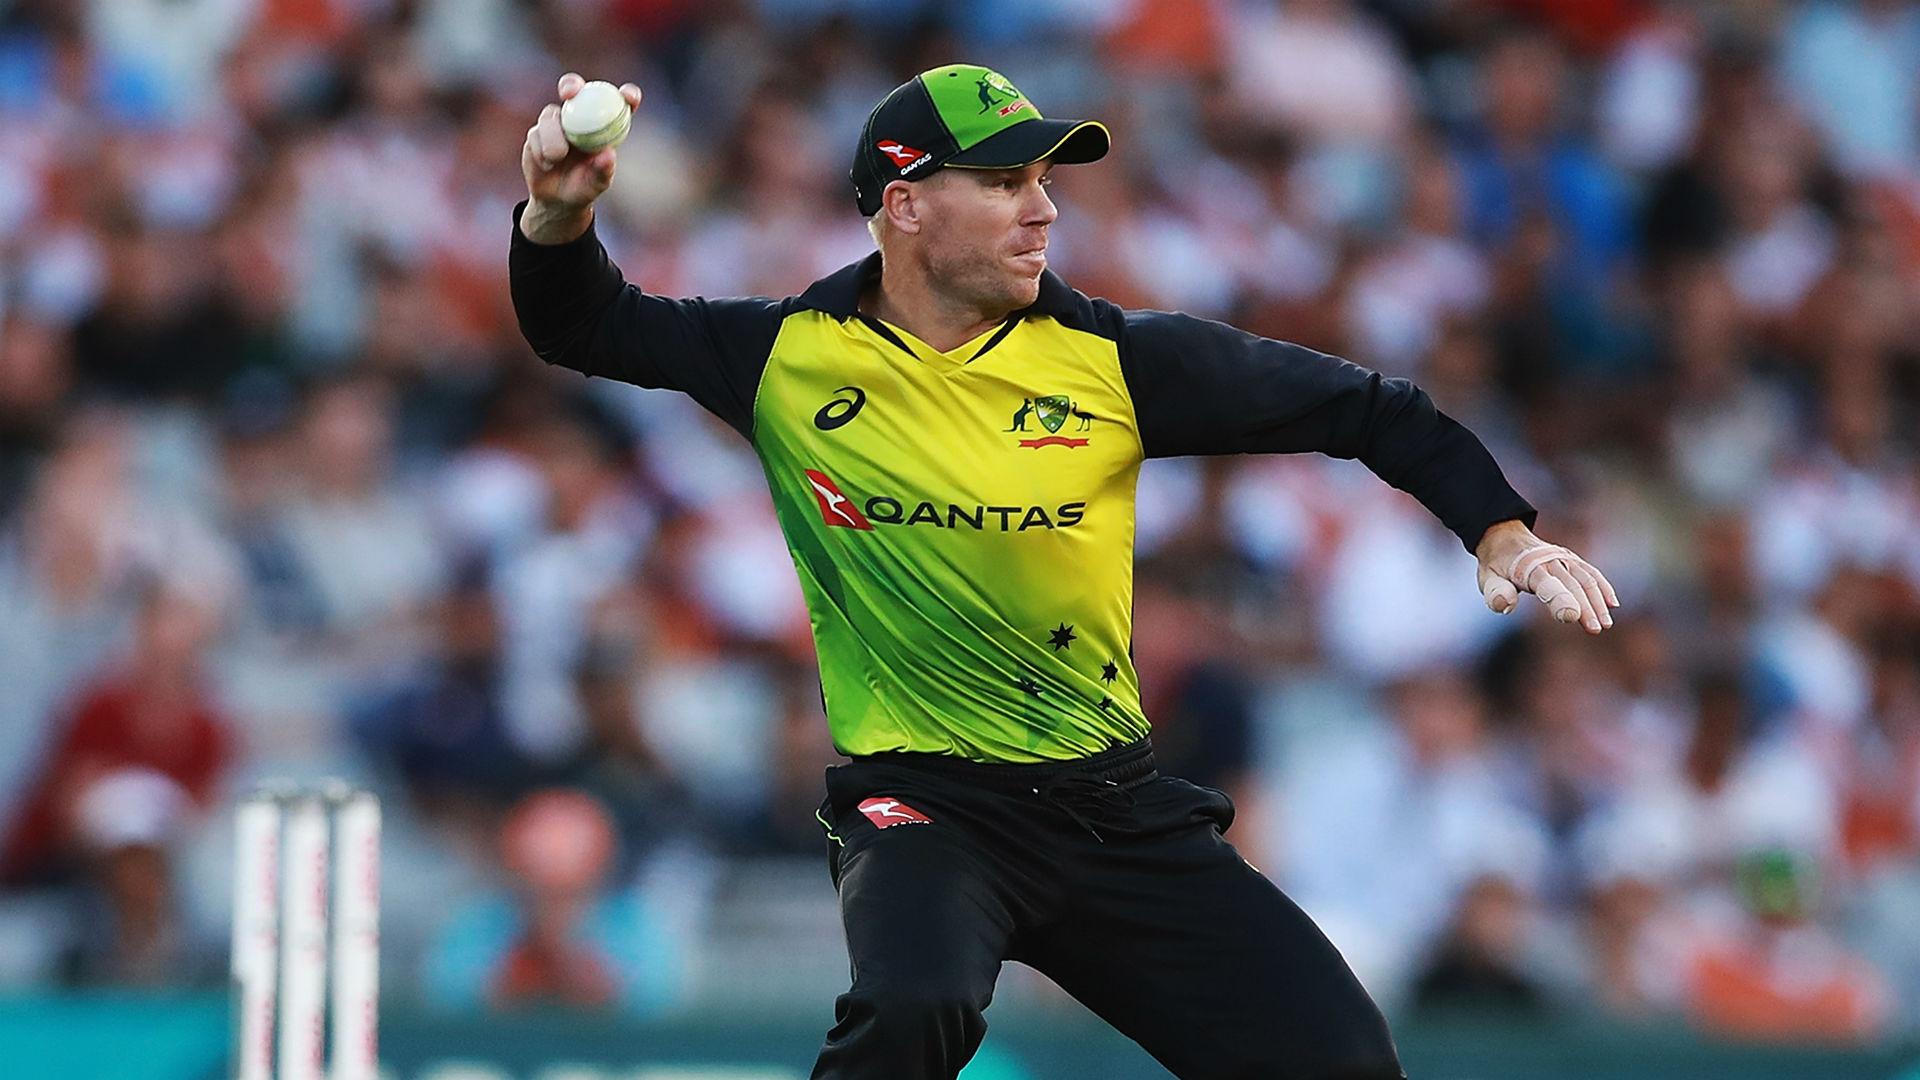 Agar stars as Australia claim tri-series honours